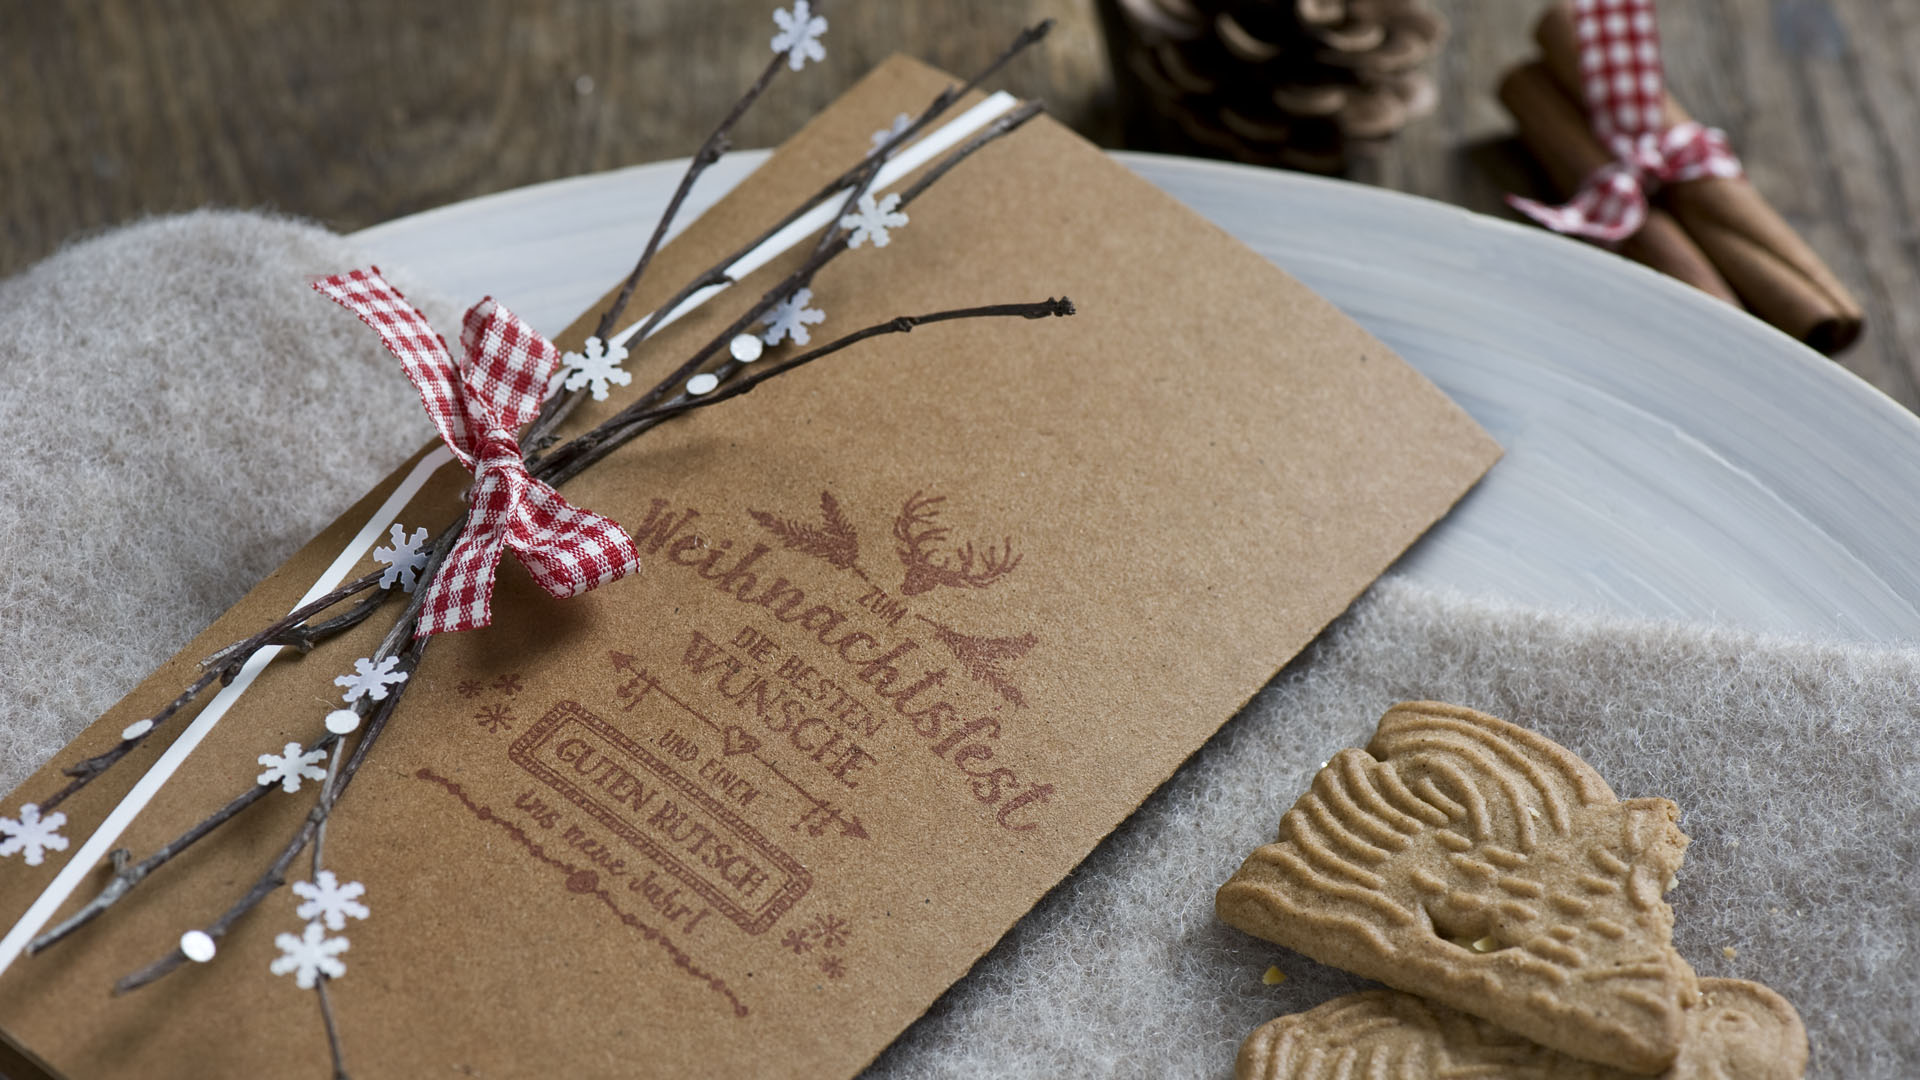 Ideen für die Weihnachtspost: Mit Liebe gemacht   Weihnachtskarte in Natur, Weiß und Rot mit einem Hauch Hüttenzauber und handgelettertem Stempeldesign